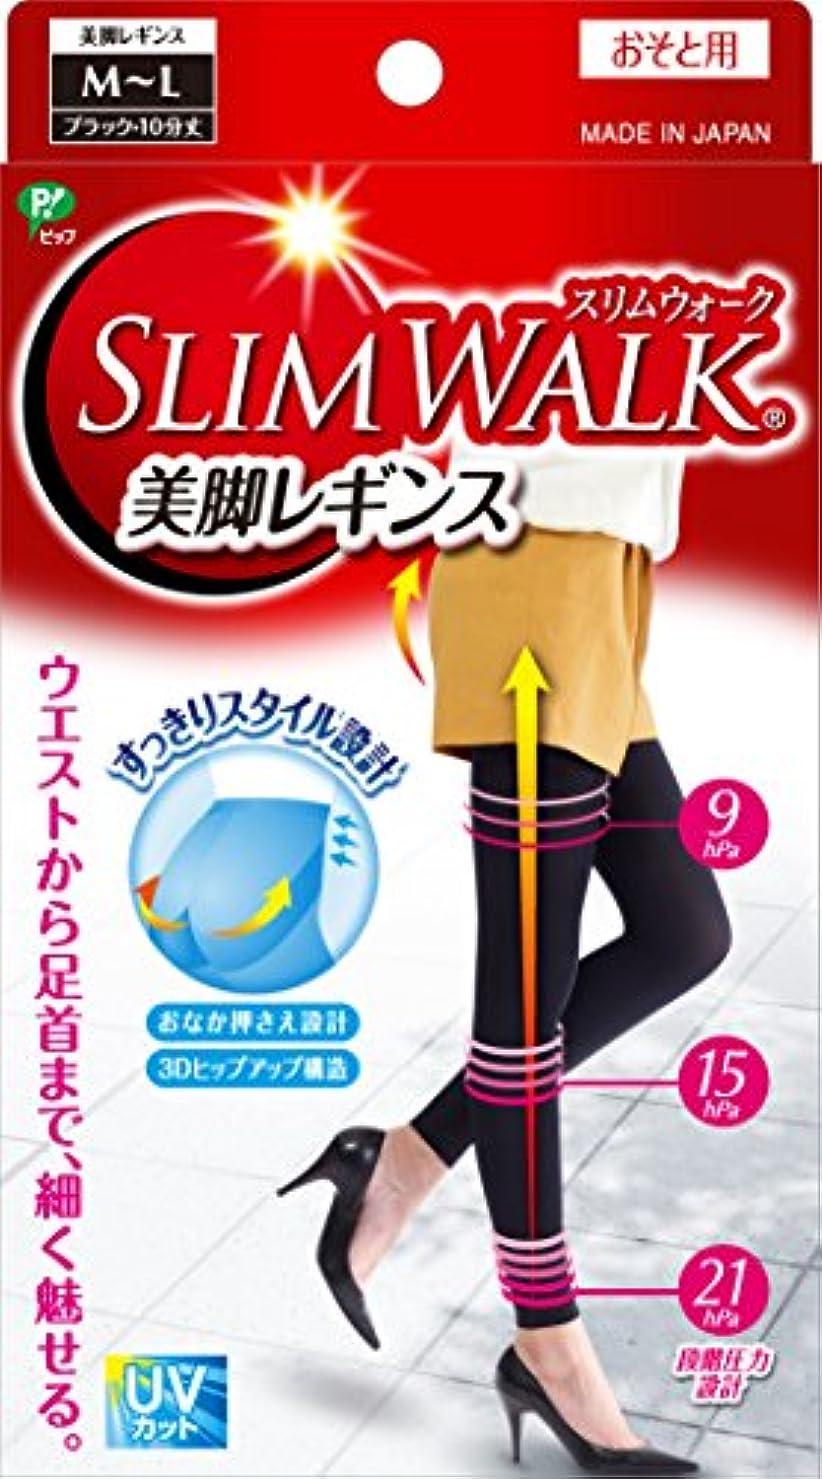 子満足させるロケーションスリムウォーク 美脚レギンス M-Lサイズ ブラック(SLIM WALK,leggings,ML) 着圧 レギンス